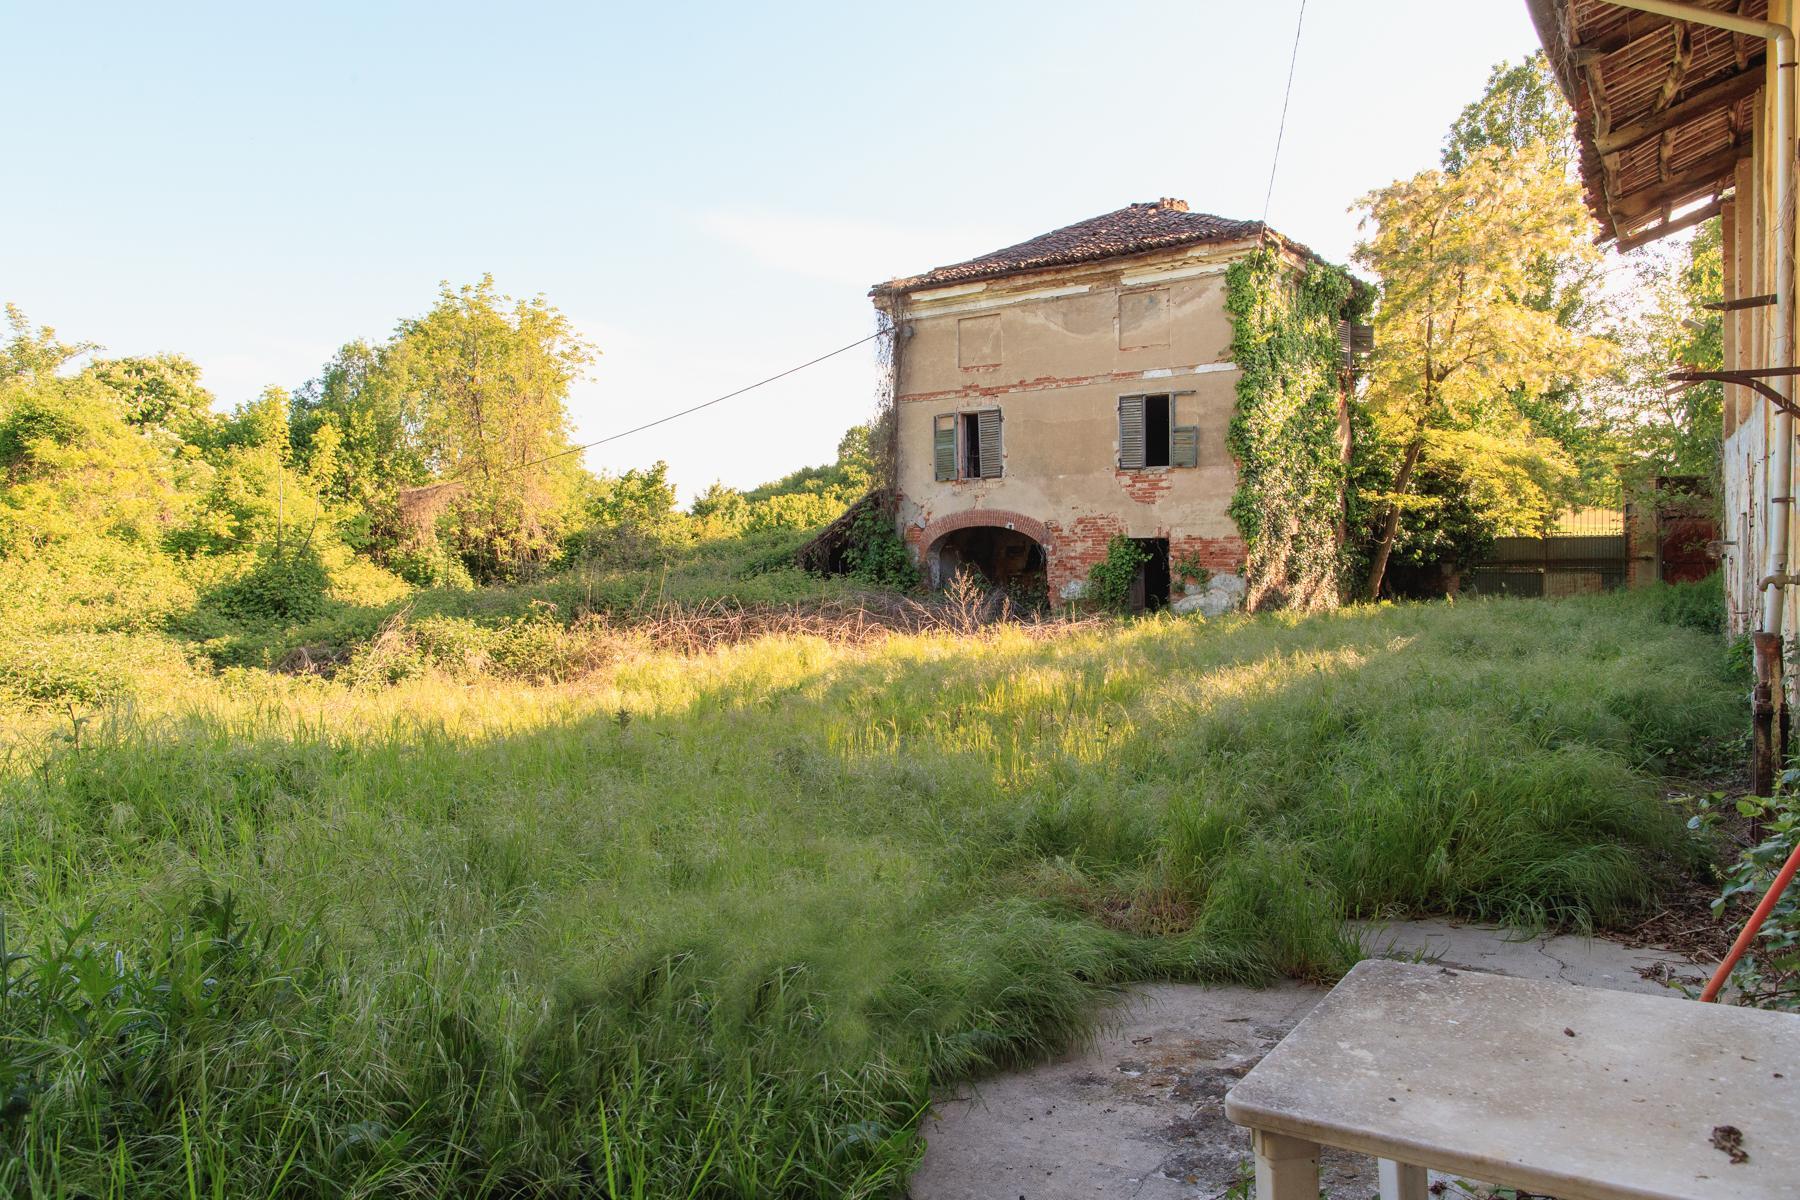 Antikes Bauernhaus auf dem Land Turins - 2